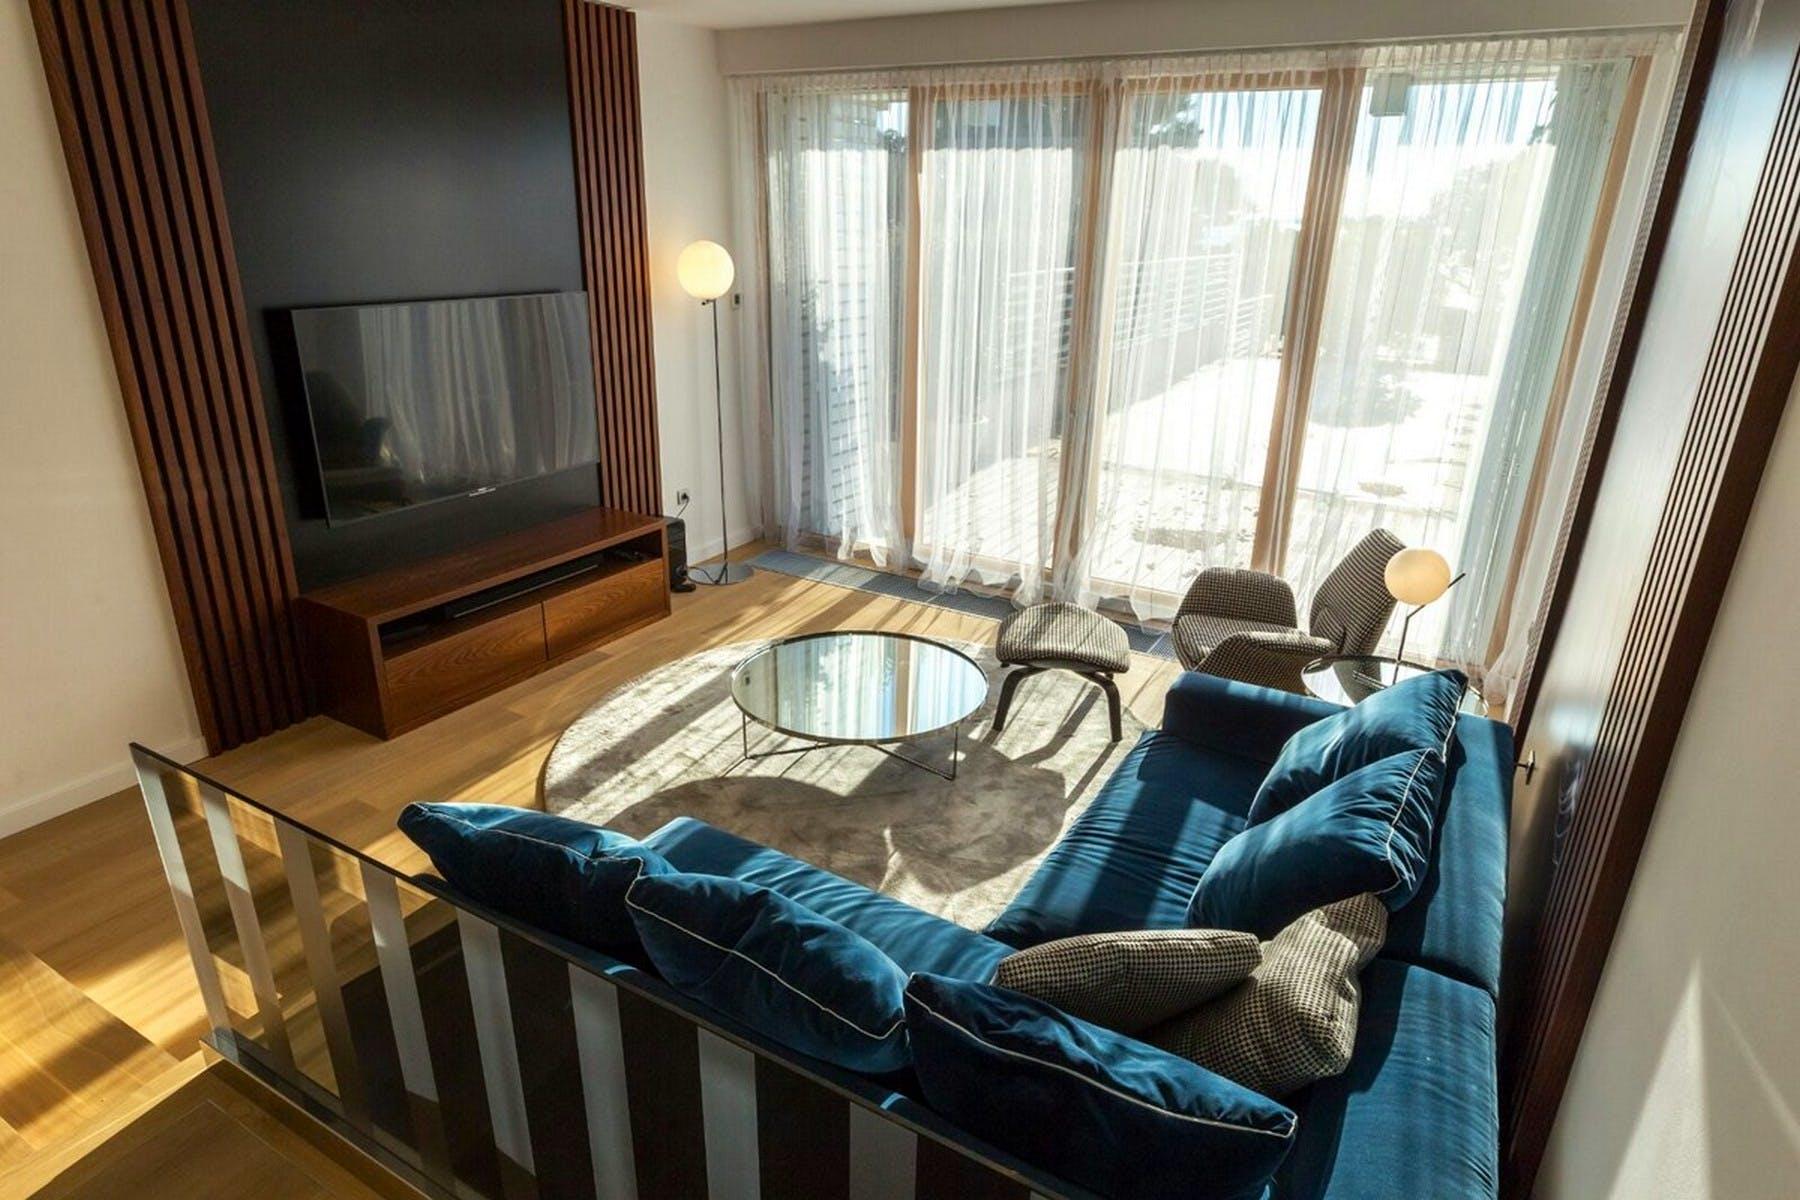 Dnevna soba s velikim prozorima